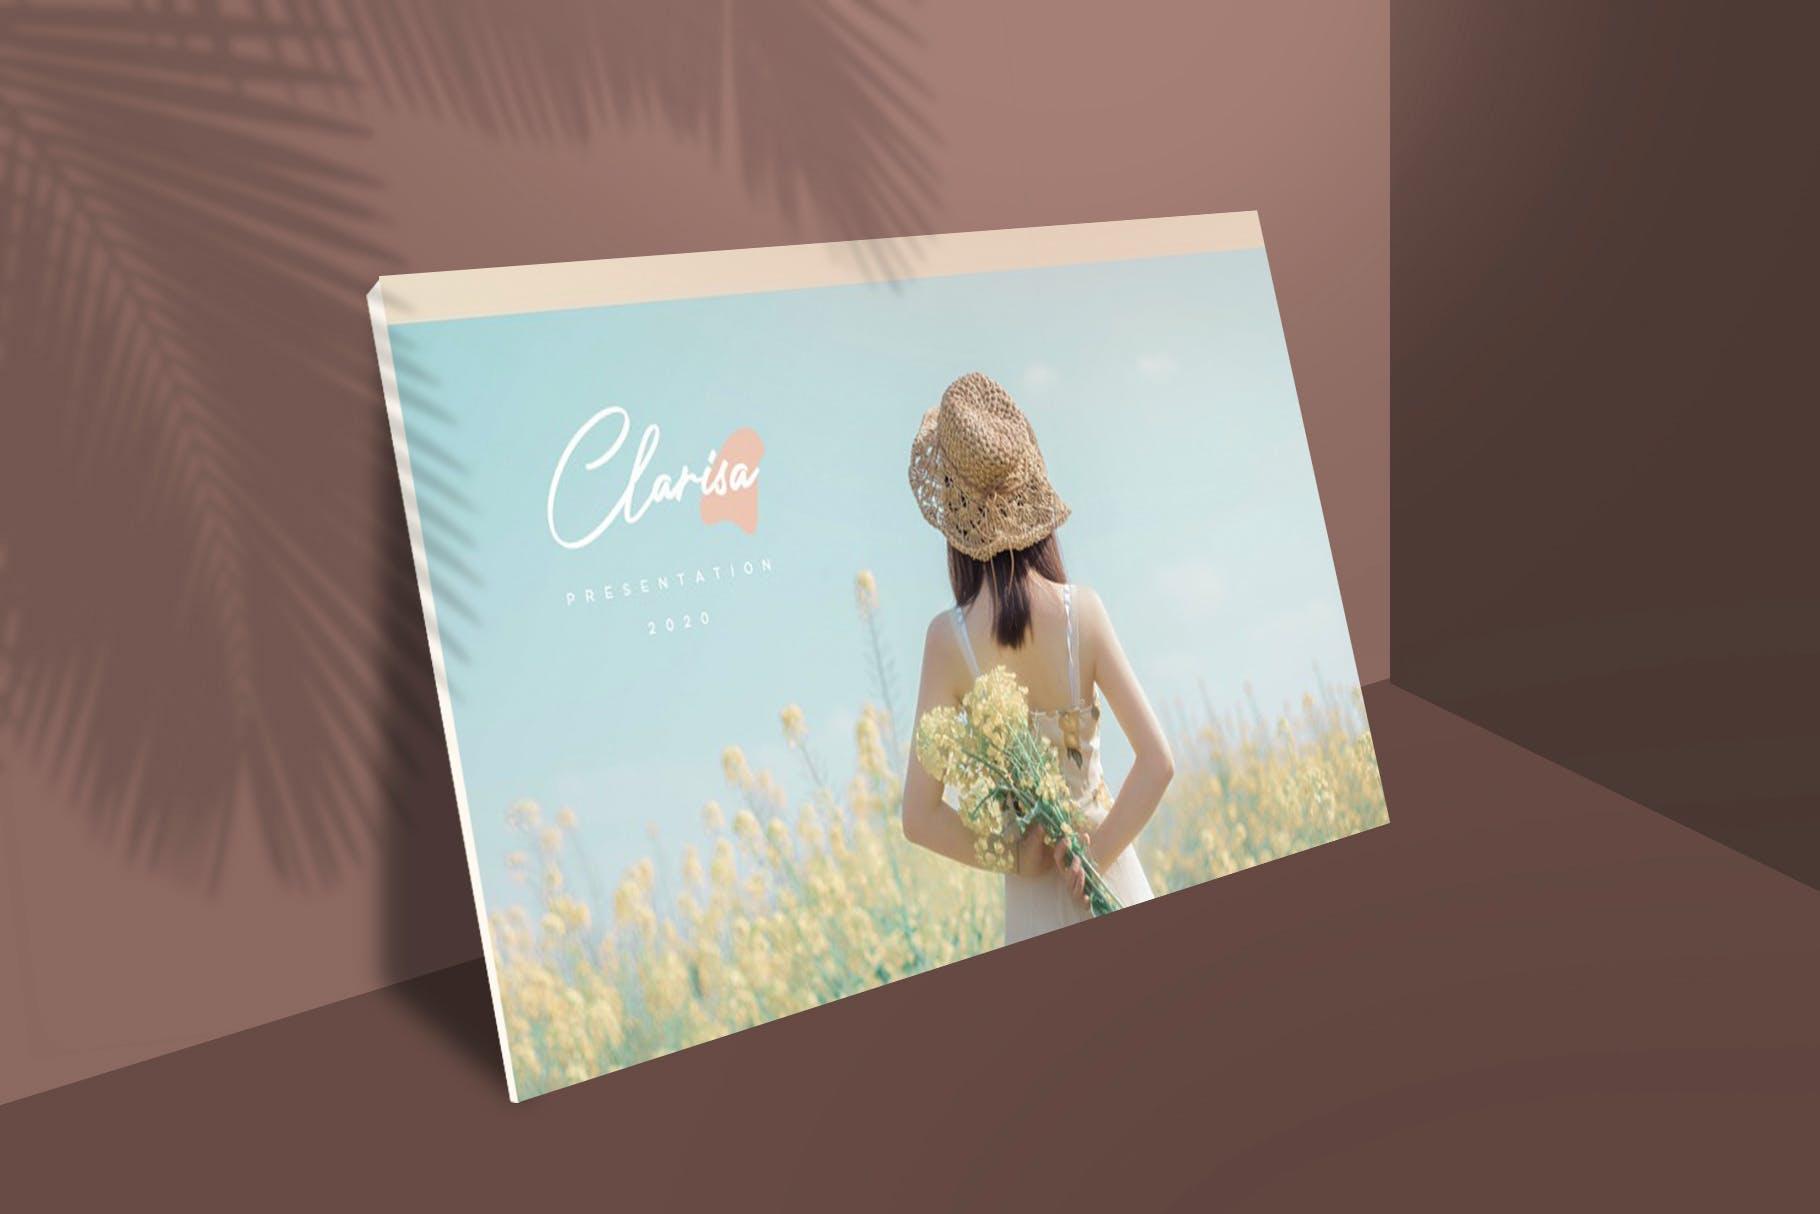 时尚优雅摄影作品集演示幻灯片设计模板 Clarisa Bundle Presentation插图8